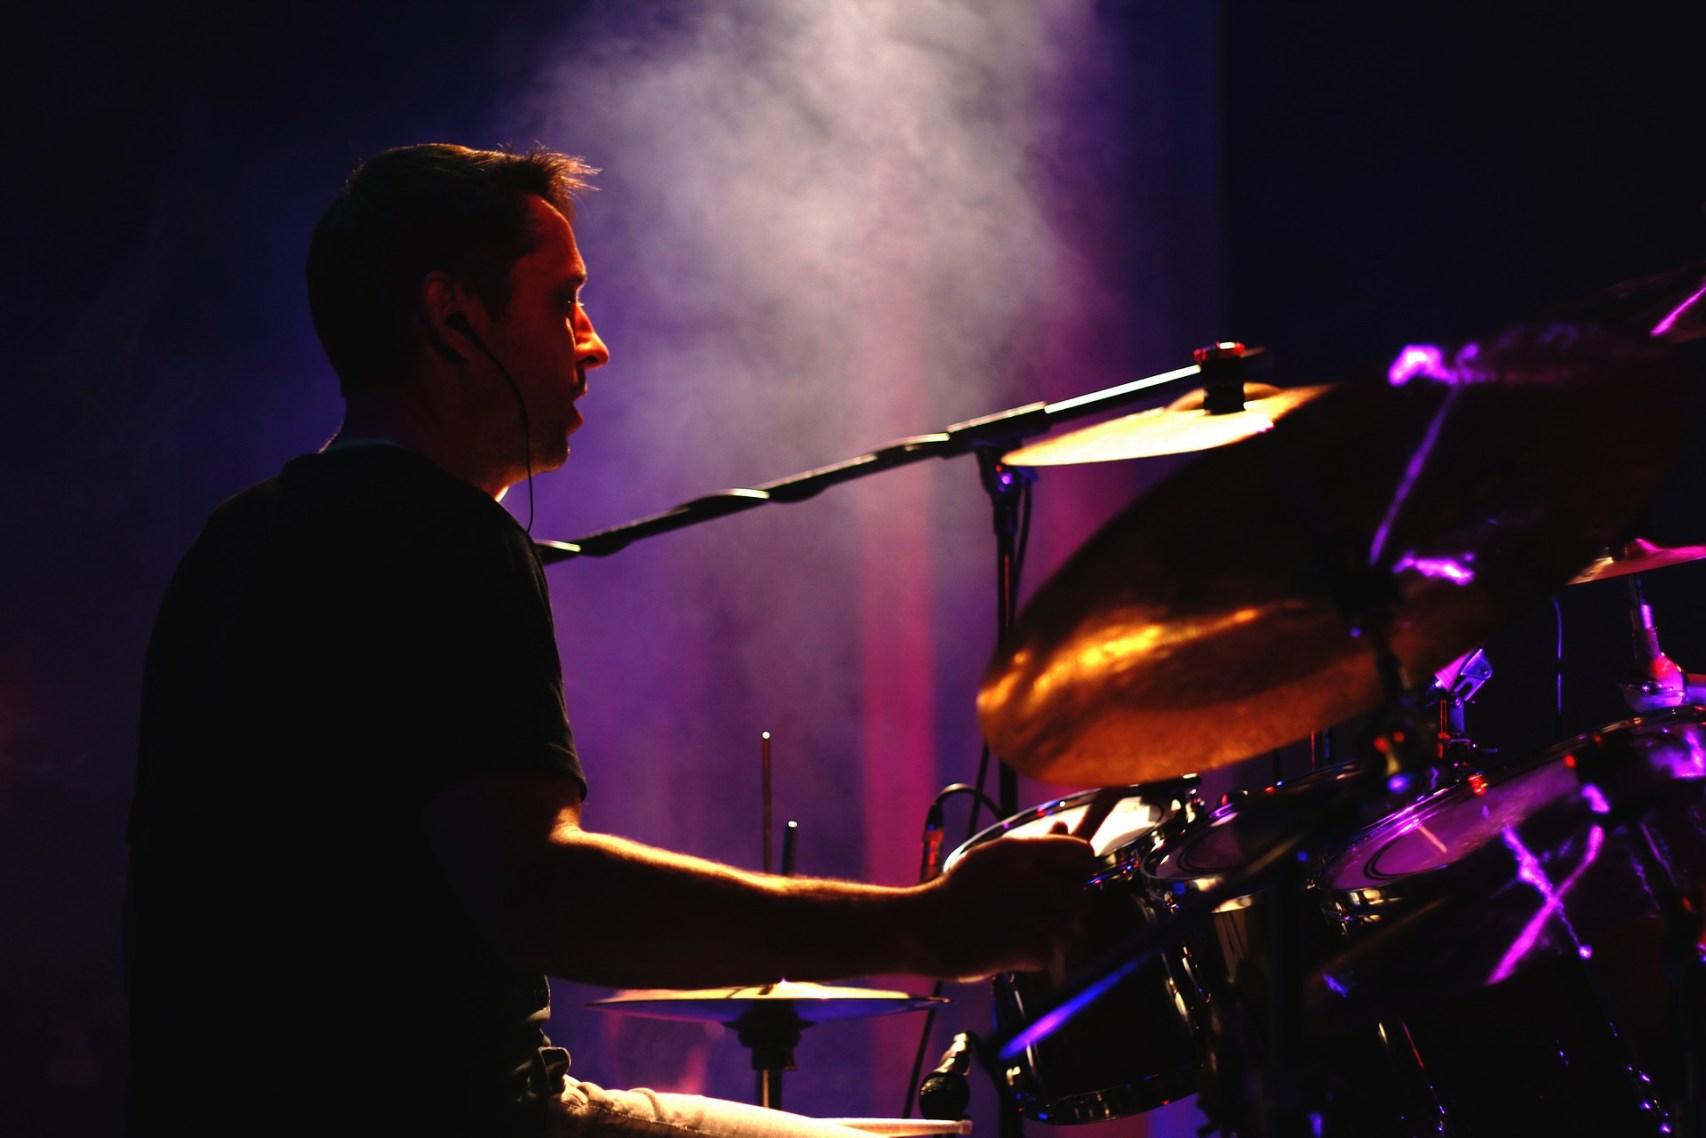 drums-1168624_1920